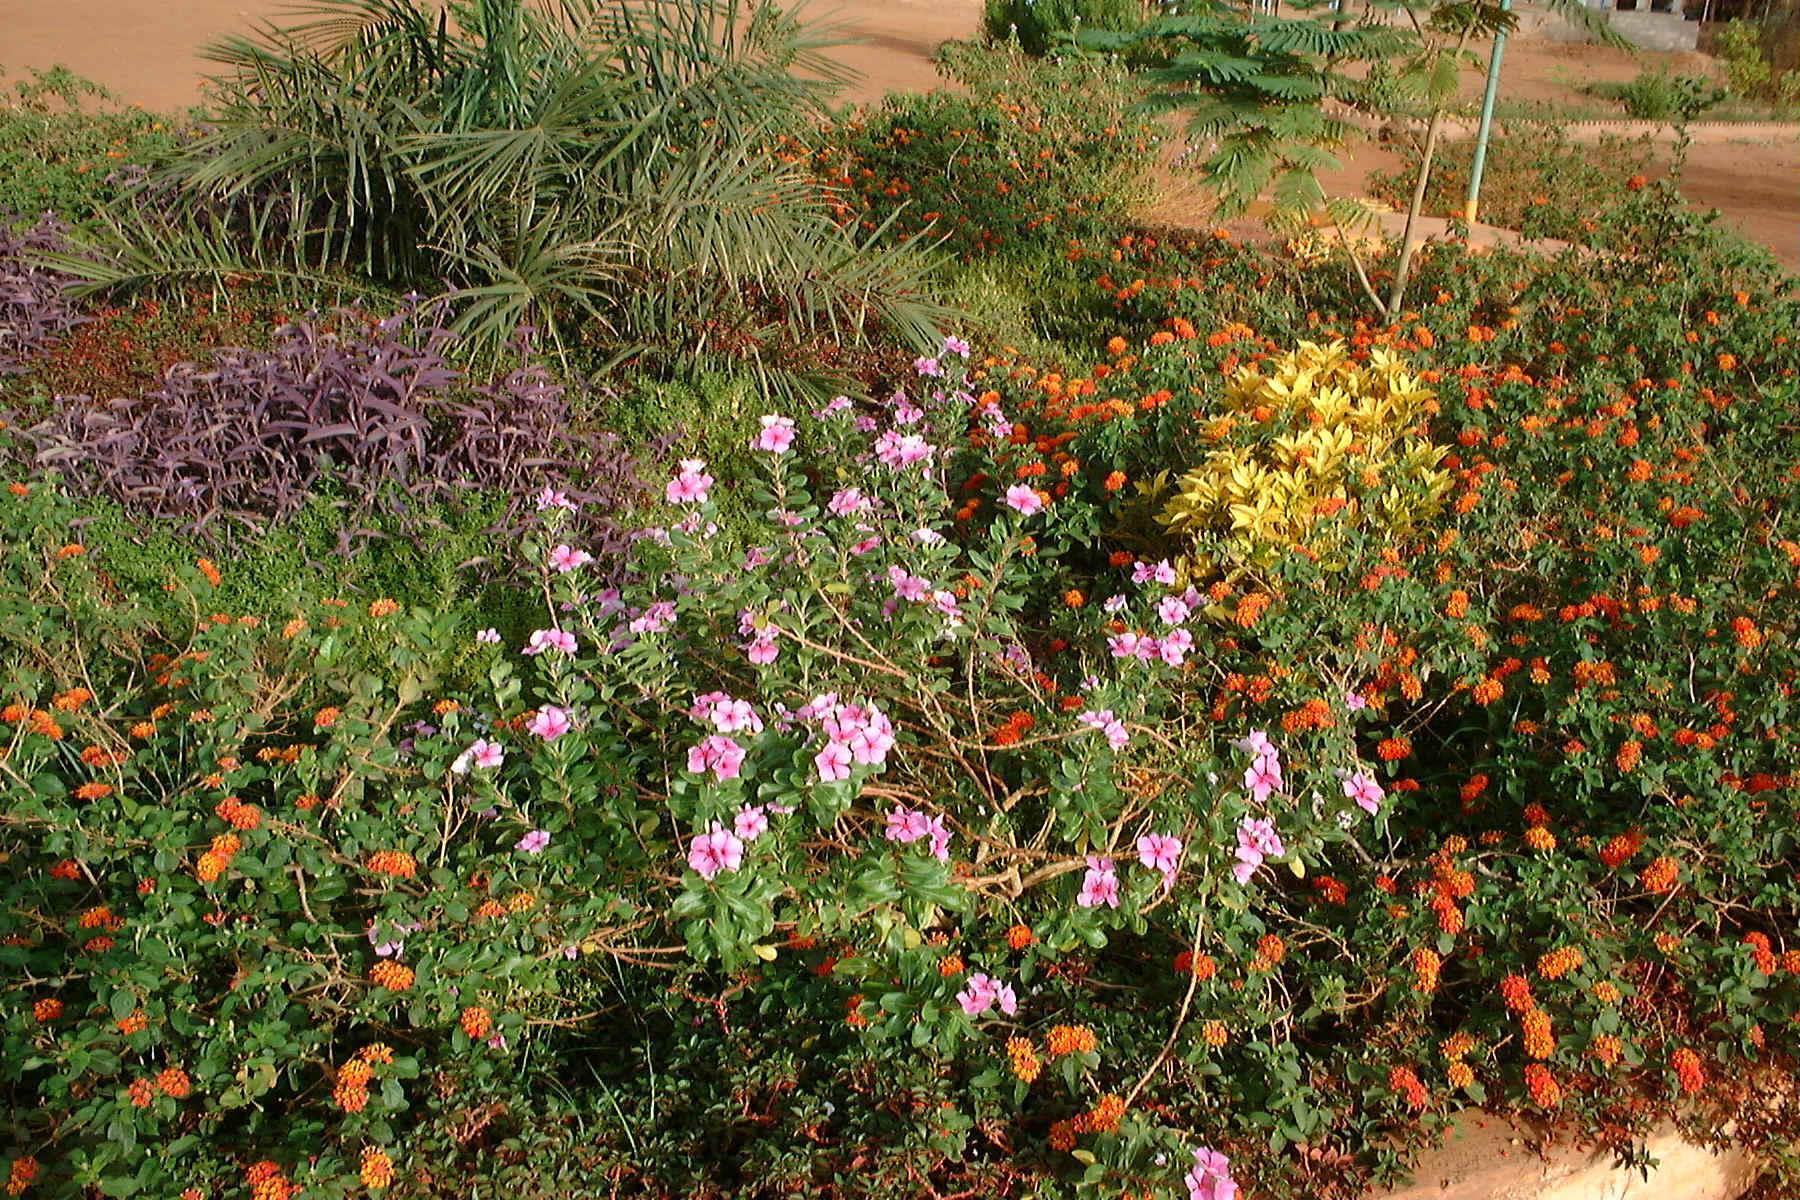 Gardening in Burkina Faso